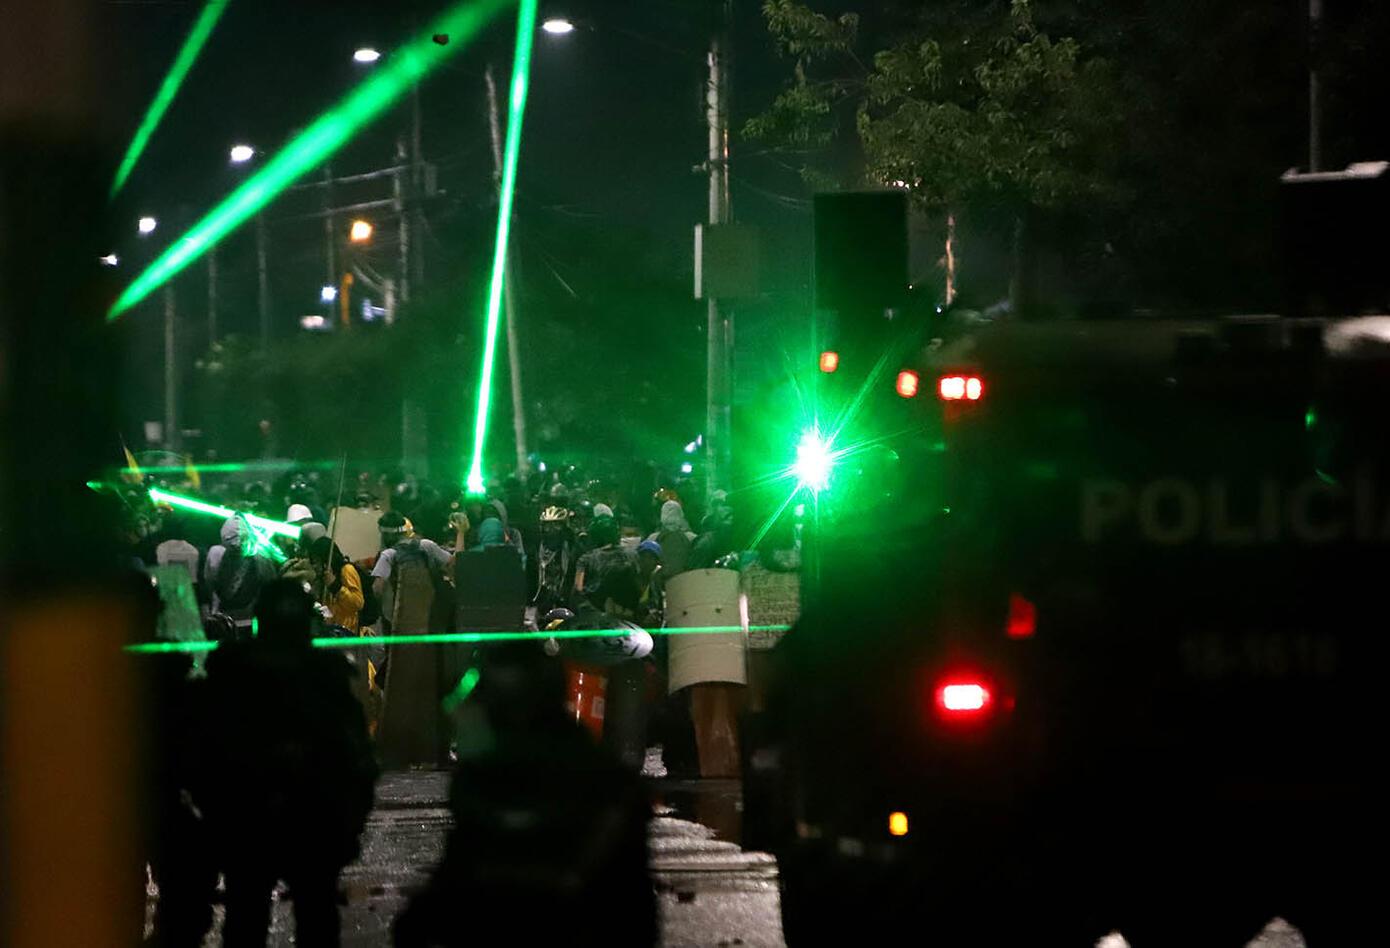 ENFRENTAMIENTOS ENTRE MANIFESTANTES Y POLICIA EN PORTAL LAS AMERICAS 21 DE MAYO